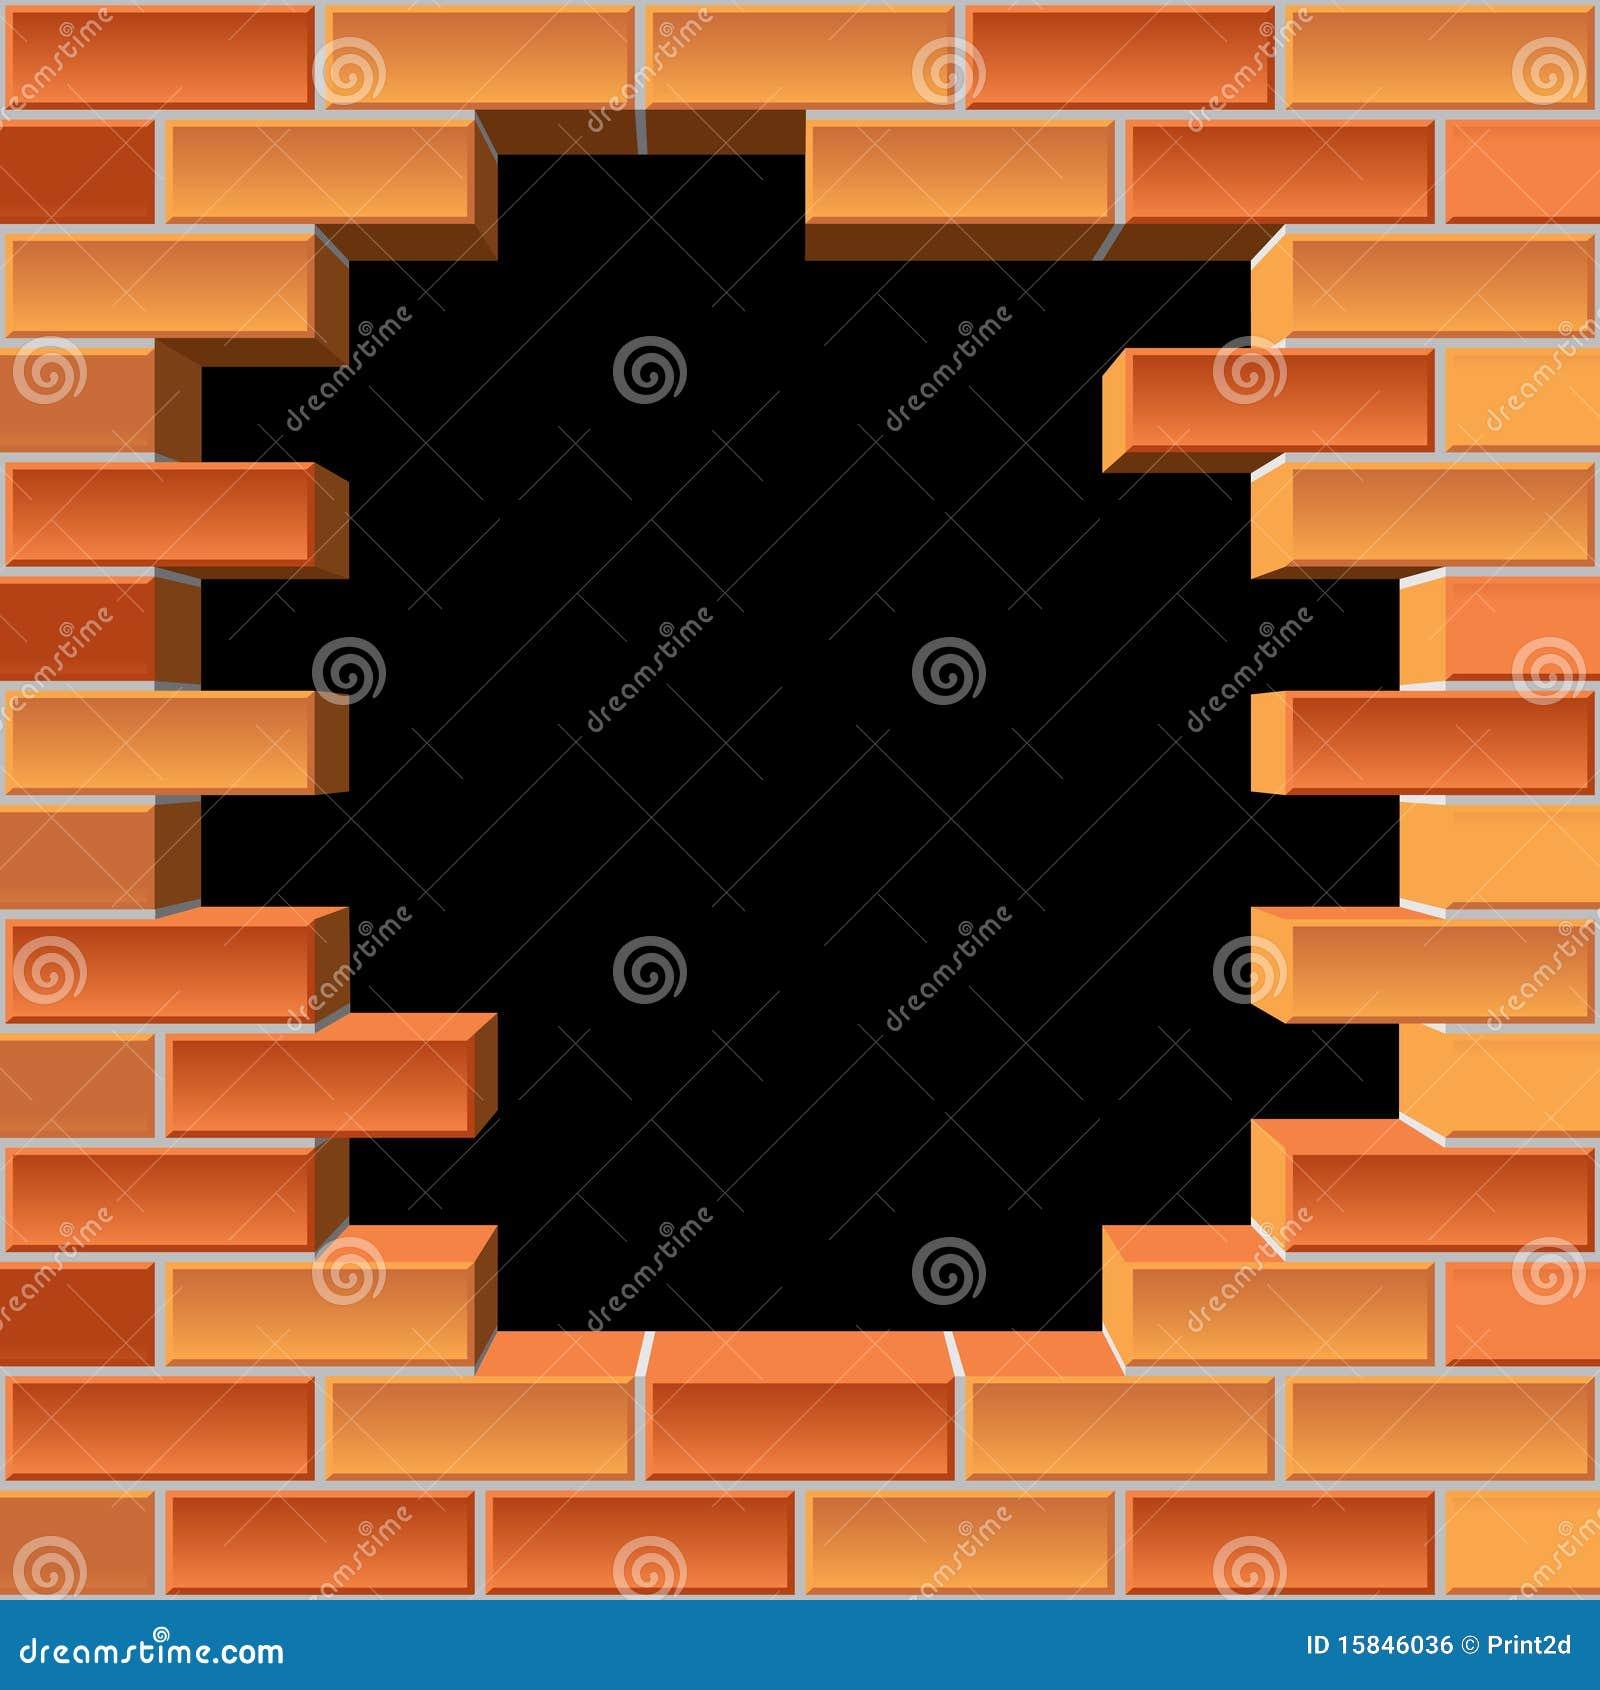 Agujero en pared de ladrillo imagen de archivo libre de - Agujero en la pared ...